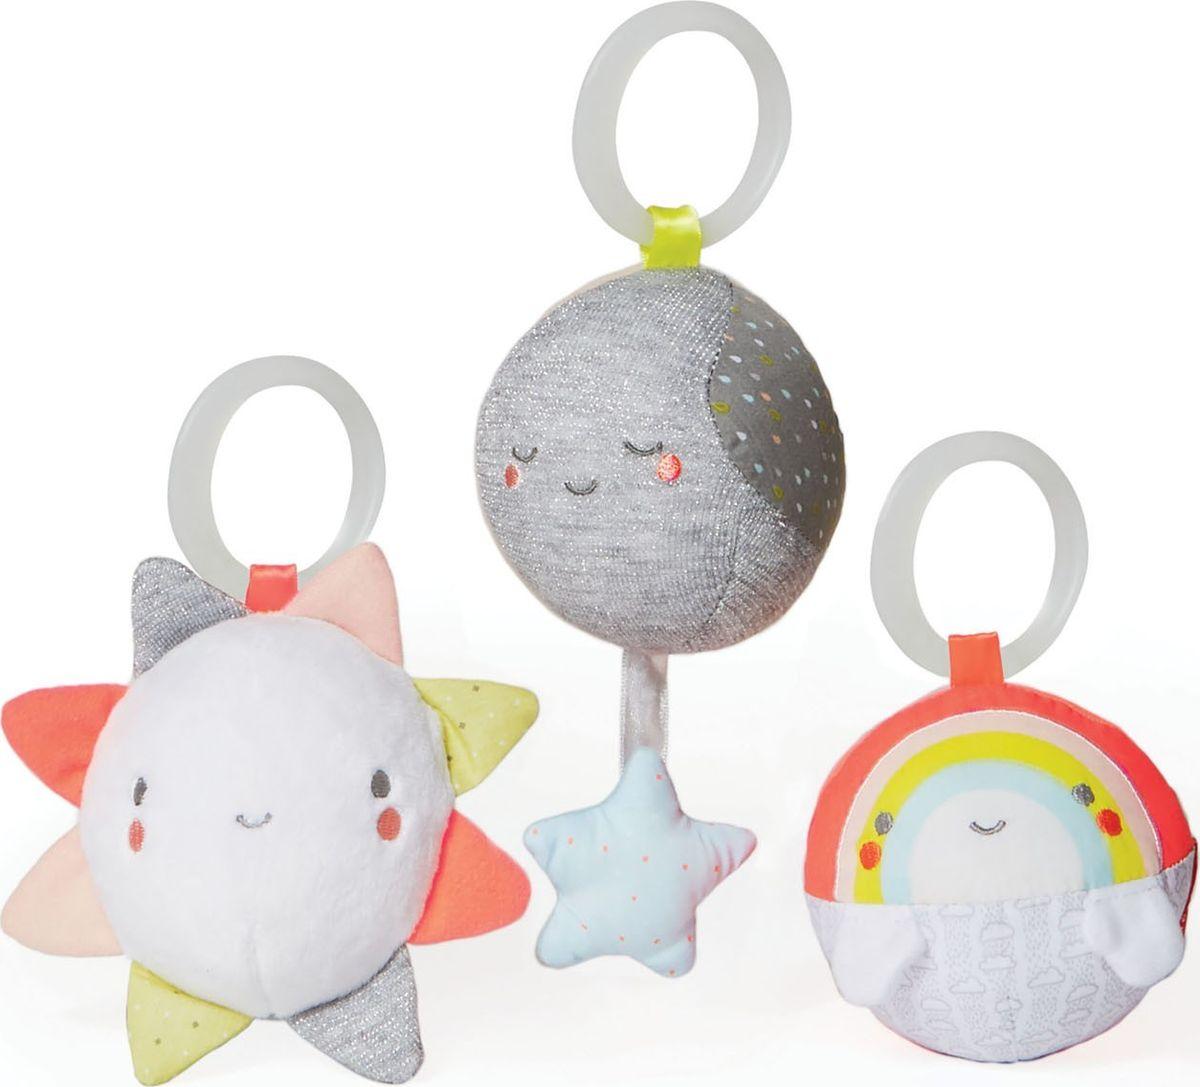 цены на Skip Hop Набор игрушек-подвесок Трио тучки  в интернет-магазинах